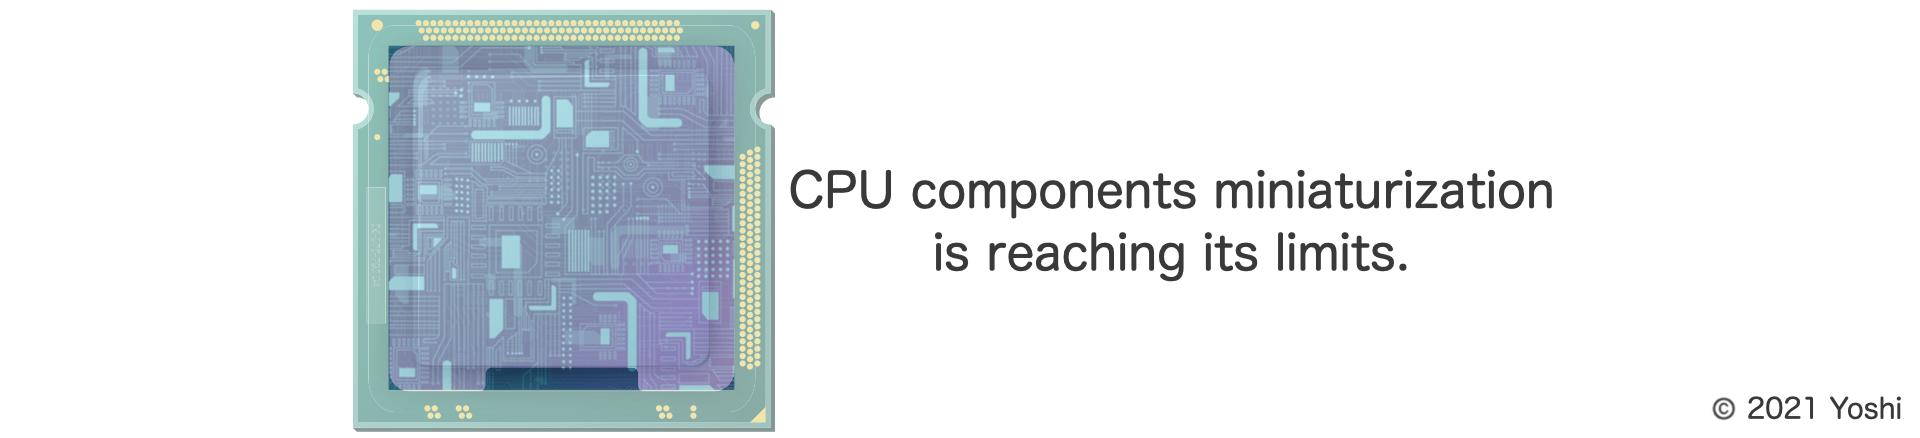 CPU components miniaturization